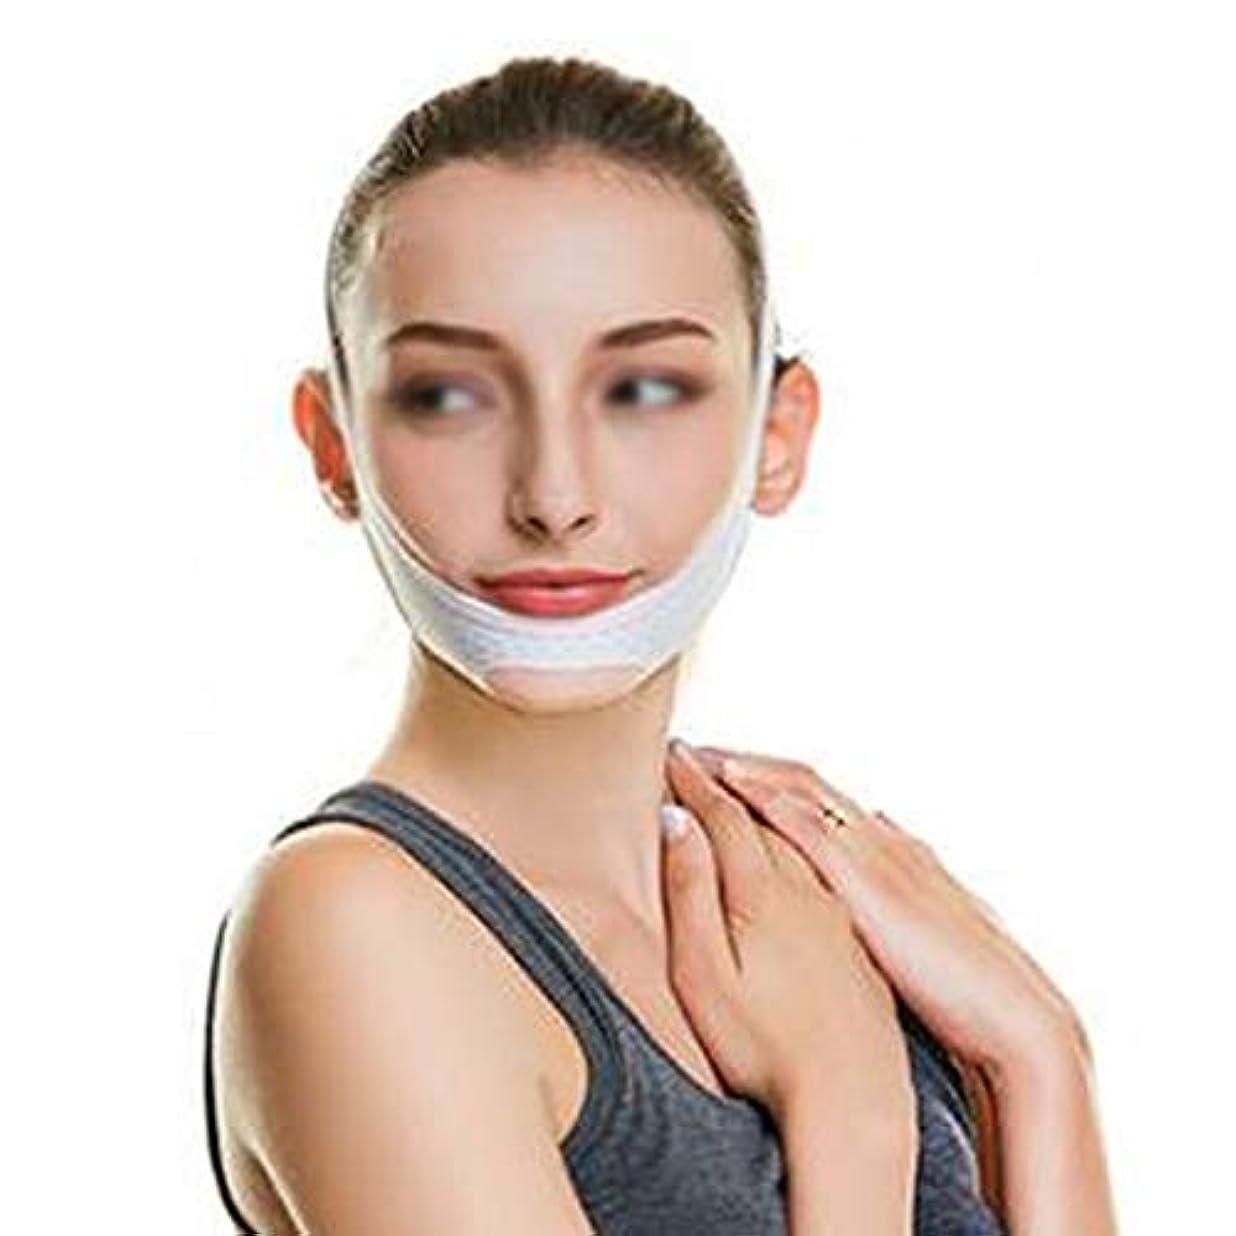 発見重力解読するZWBD フェイスマスク, Vフェイスアーティファクトメロンフェイスバンデージマスクを使用した薄顔